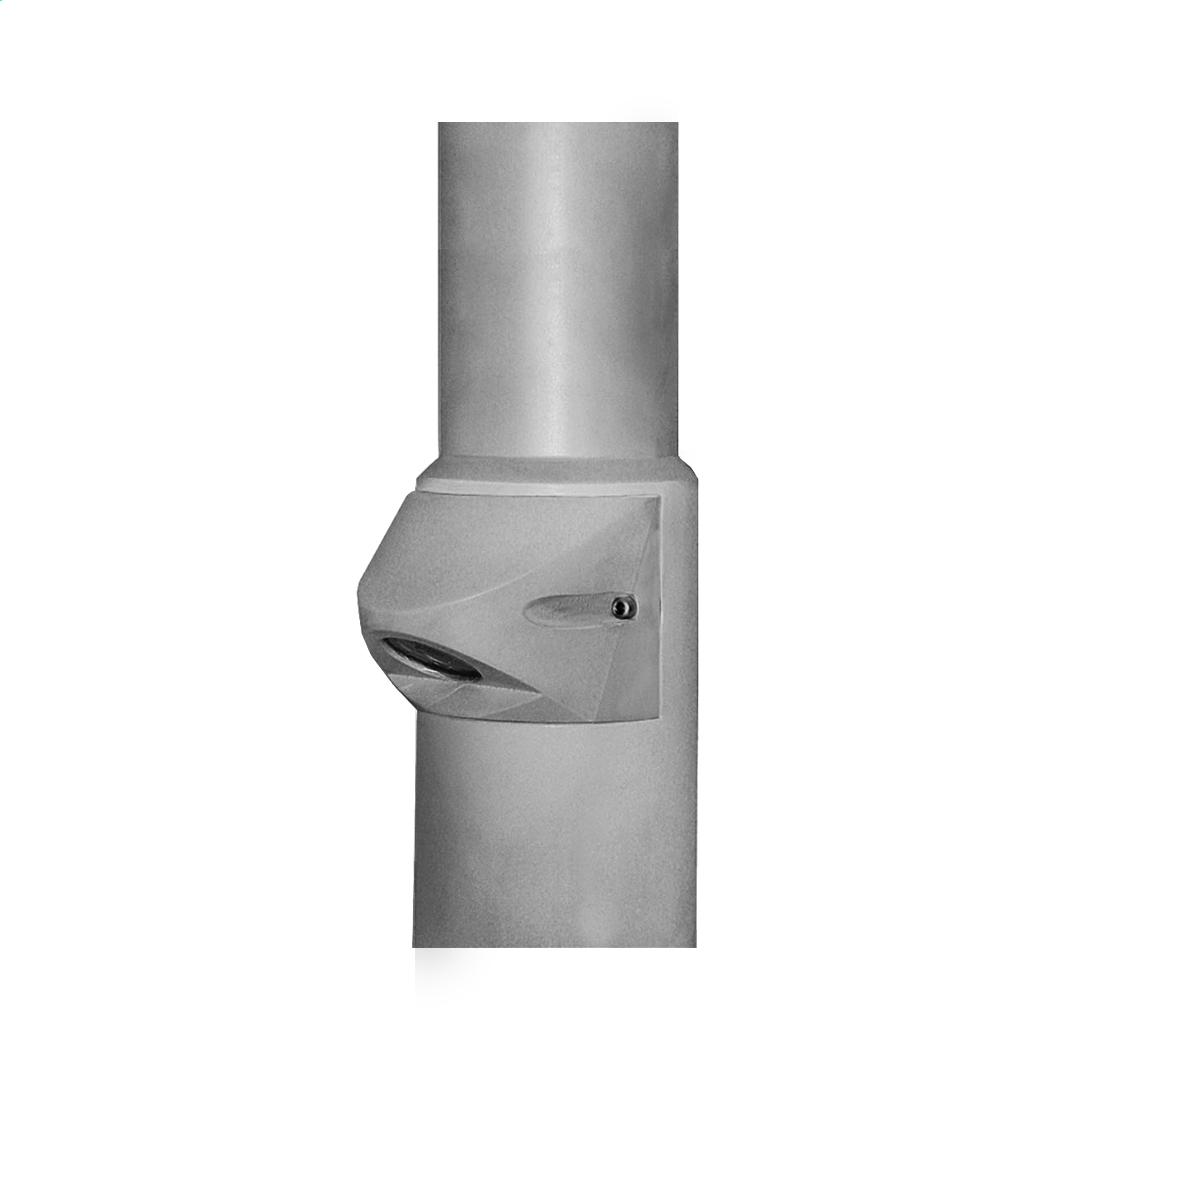 Outdoor Lamp Post Adapter: Outdoor Lighting Accessories